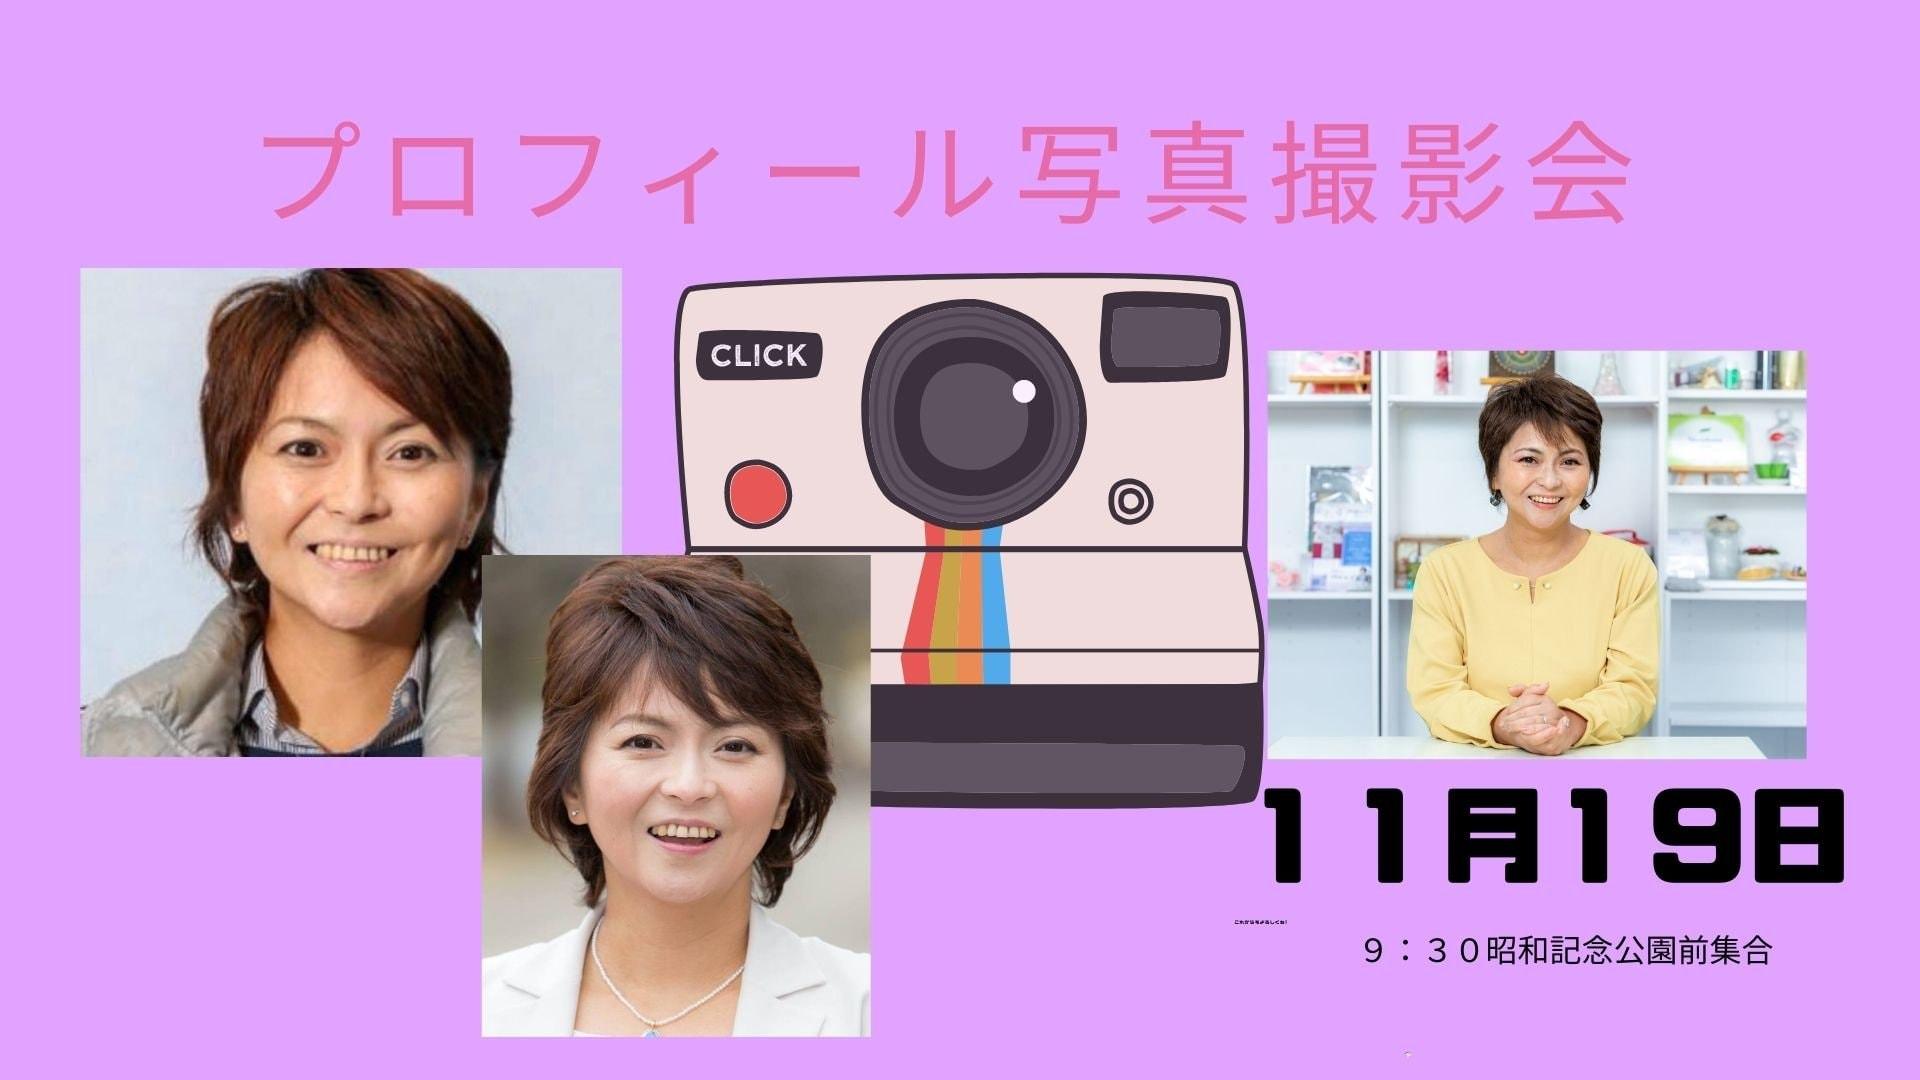 秋のプロフィール写真撮影会を開催いたします!@昭和記念公園のイメージその1